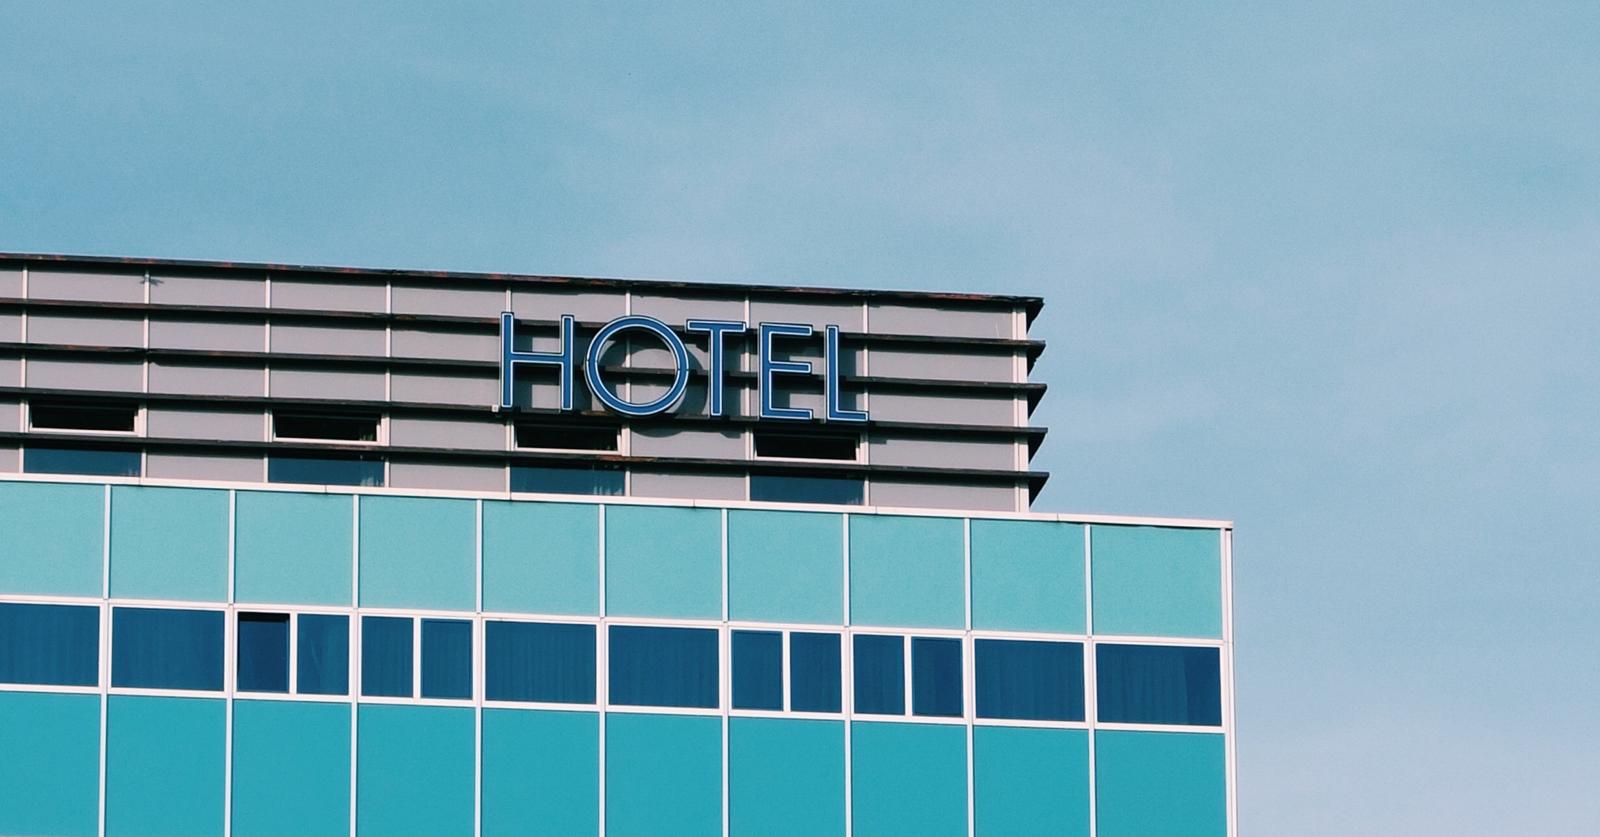 Sheraton_Hotel_Legionella_Outbreak_Aug_2019